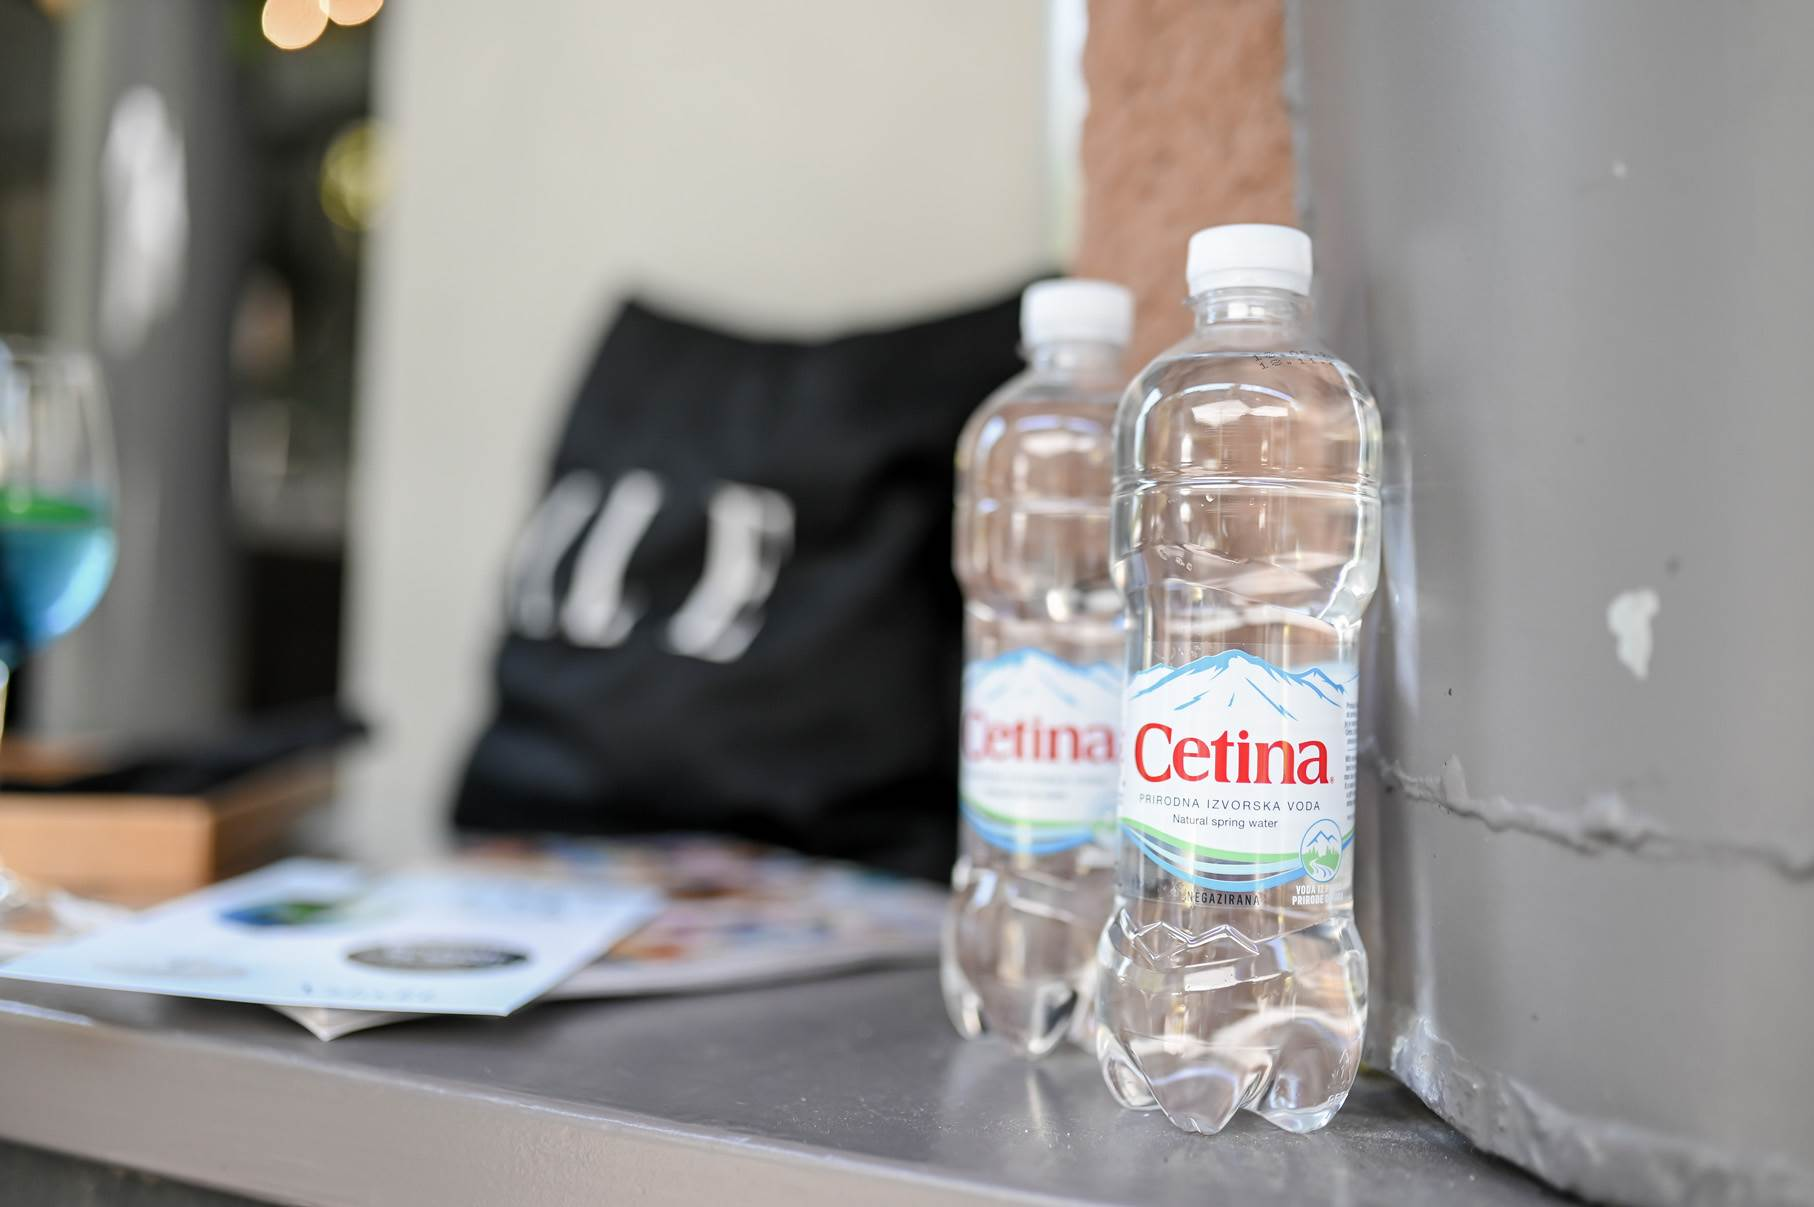 Prirodna izvorska voda Cetina